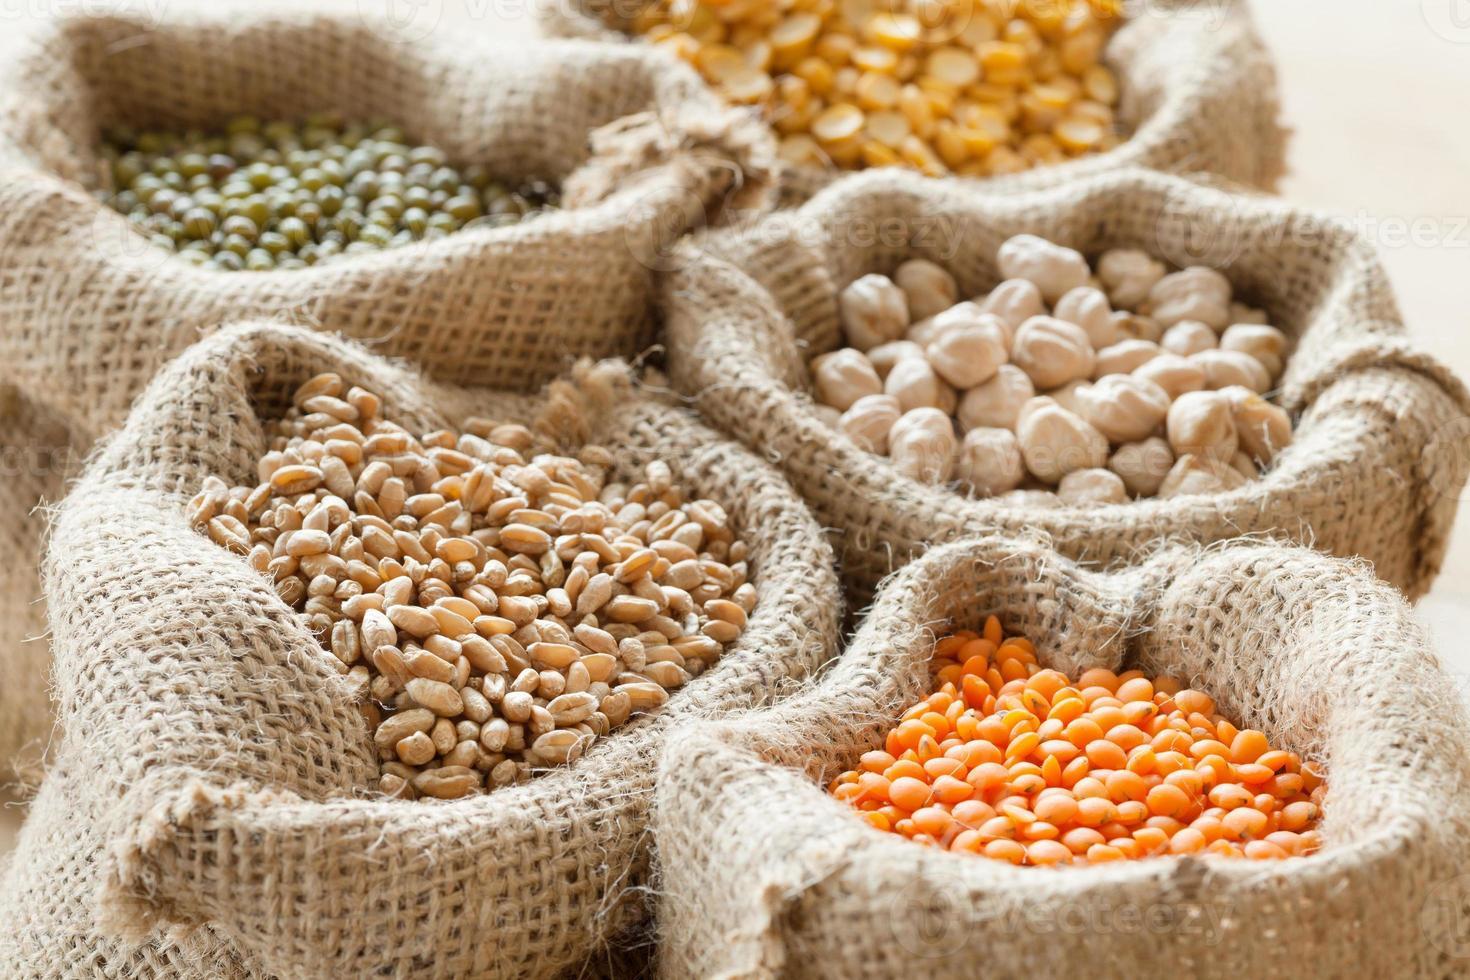 sacs de blé, pois chiches, lentilles rouges et mungo vert photo